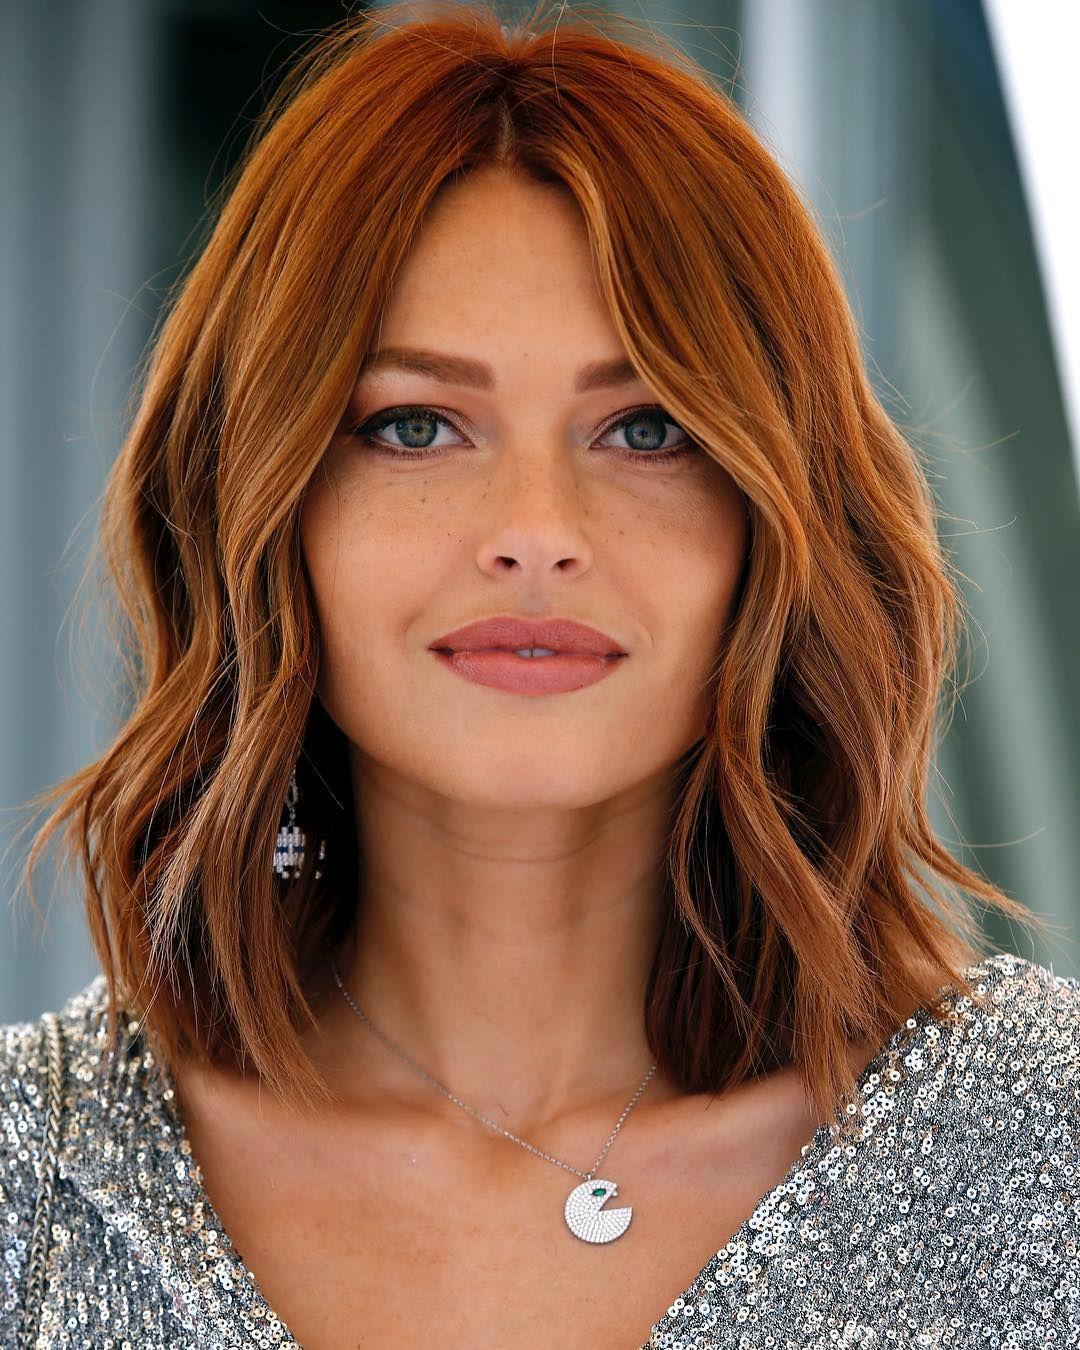 Which One By At Gieffo Fryzury Włosy Rude Włosy I